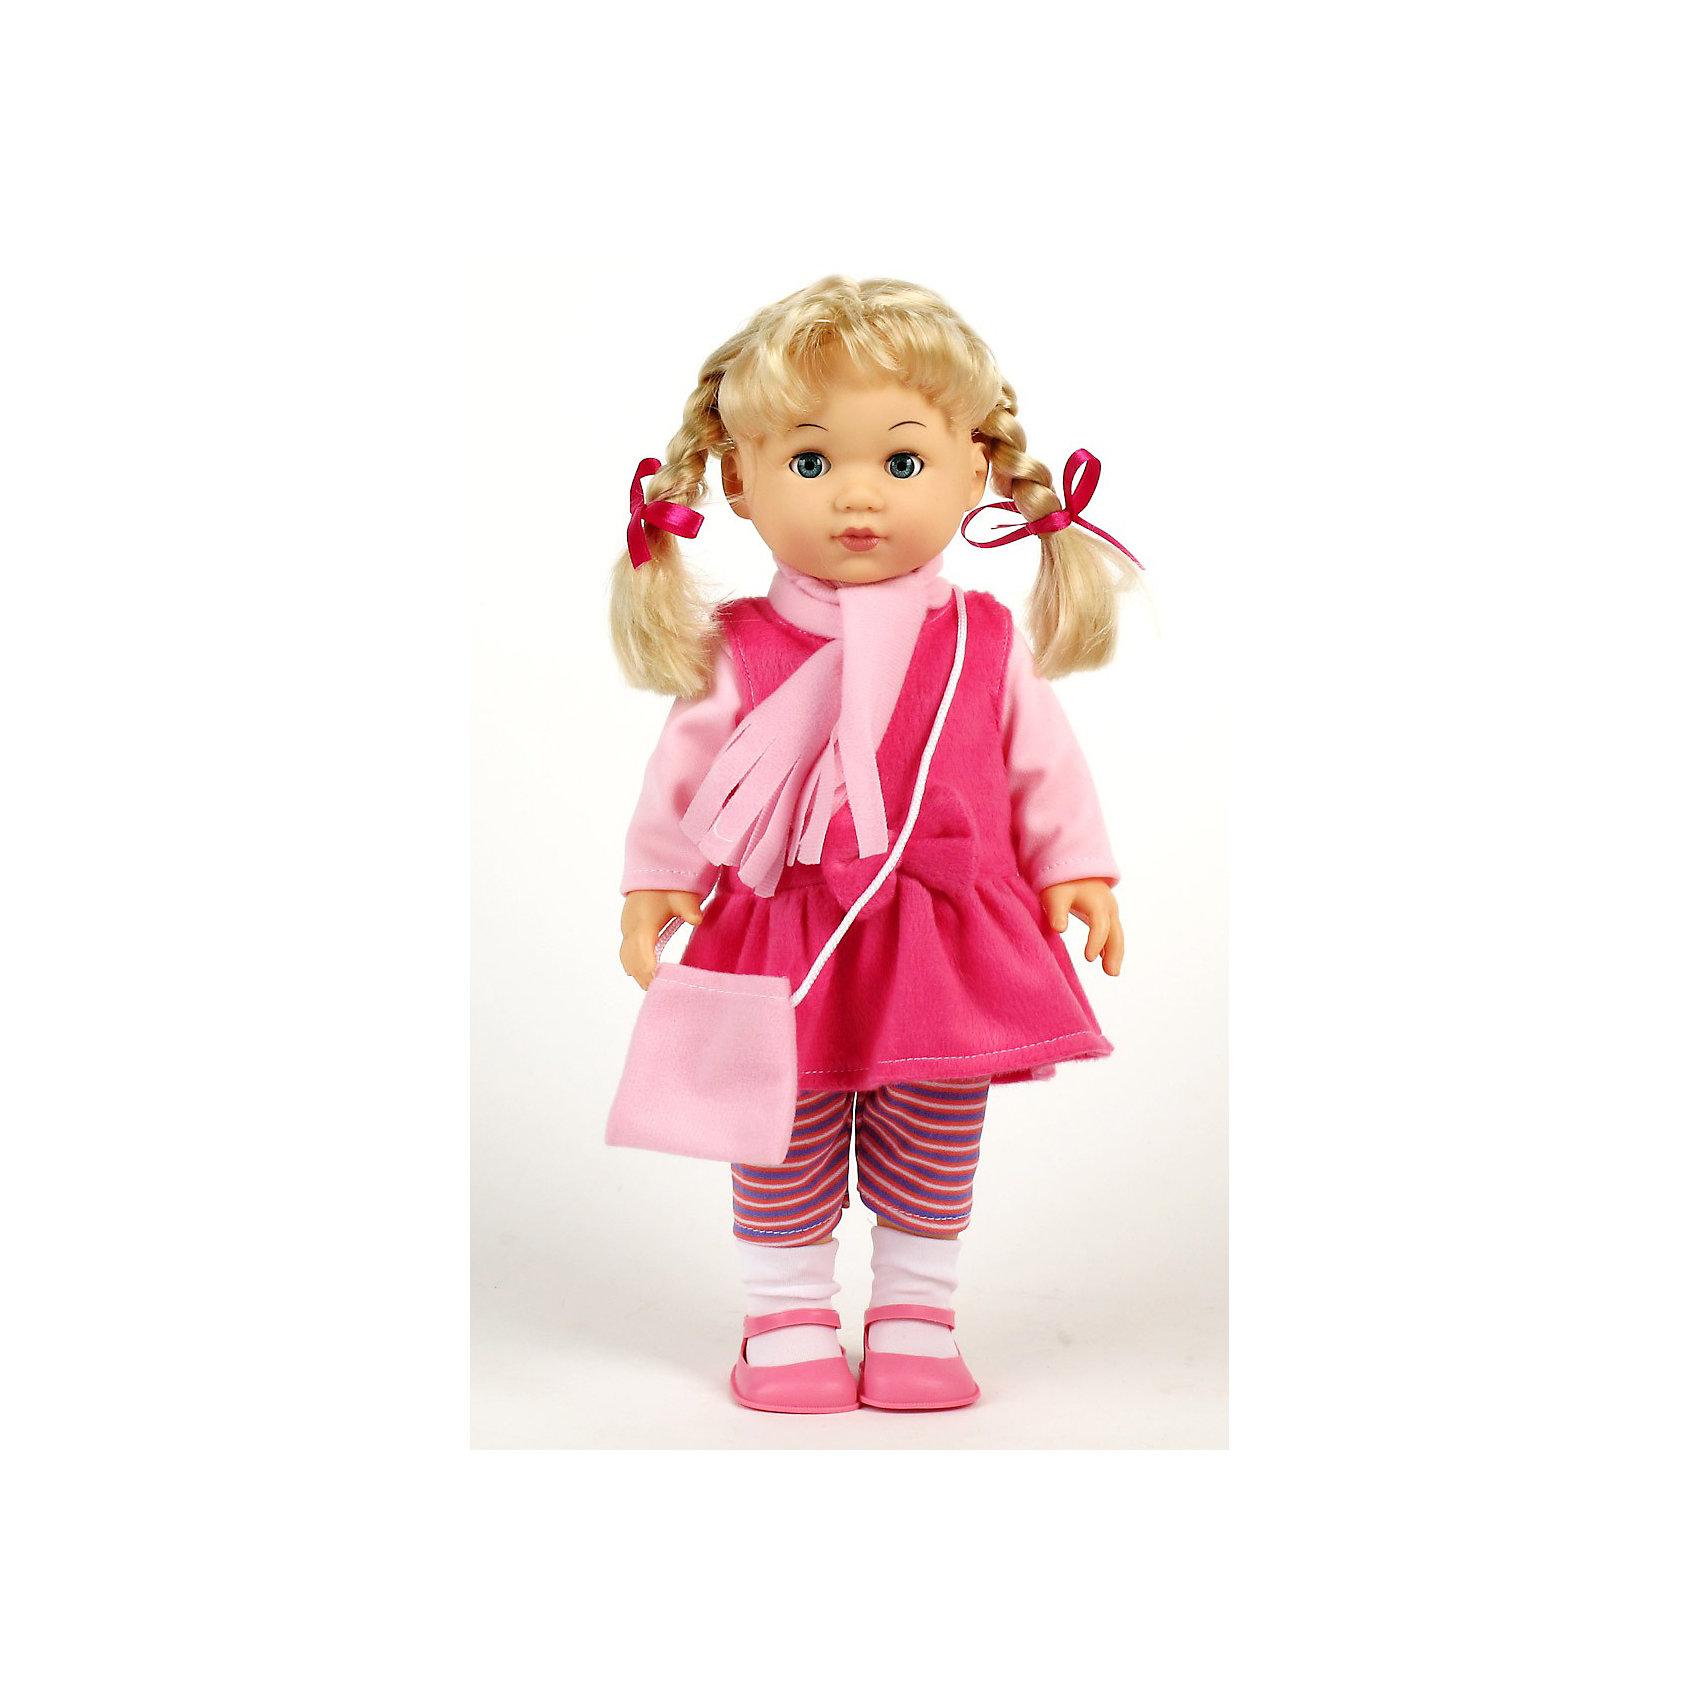 Пупс Карапуз 38 смПупс Карапуз станет лучшей подружкой девочки. Кукла умеет разговаривать (знает 100 фраз, поет песенку из мультфильма, рассказывает 2 стихотворения и 2 скороговорки, загадывает 2 загадки), смеяться, и помогать ребенку в обучении.<br><br>Дополнительная информация:<br><br>- Высота пупса: 38 см.<br>- Материал: пластик, текстиль.<br>- Размер упаковки: 23 х 10,5 х 39,5 см.<br>- Кукла знает 100 фраз, 2 загадки, 2 скороговрки, 2 стихотворения<br>- Фразы звучат подряд при последовательном нажатии на кнопку<br>- Работает от батареек<br><br>Пупса Карапуз 38 см можно купить в нашем магазине.<br><br>Ширина мм: 100<br>Глубина мм: 230<br>Высота мм: 400<br>Вес г: 900<br>Возраст от месяцев: 36<br>Возраст до месяцев: 144<br>Пол: Женский<br>Возраст: Детский<br>SKU: 3180974